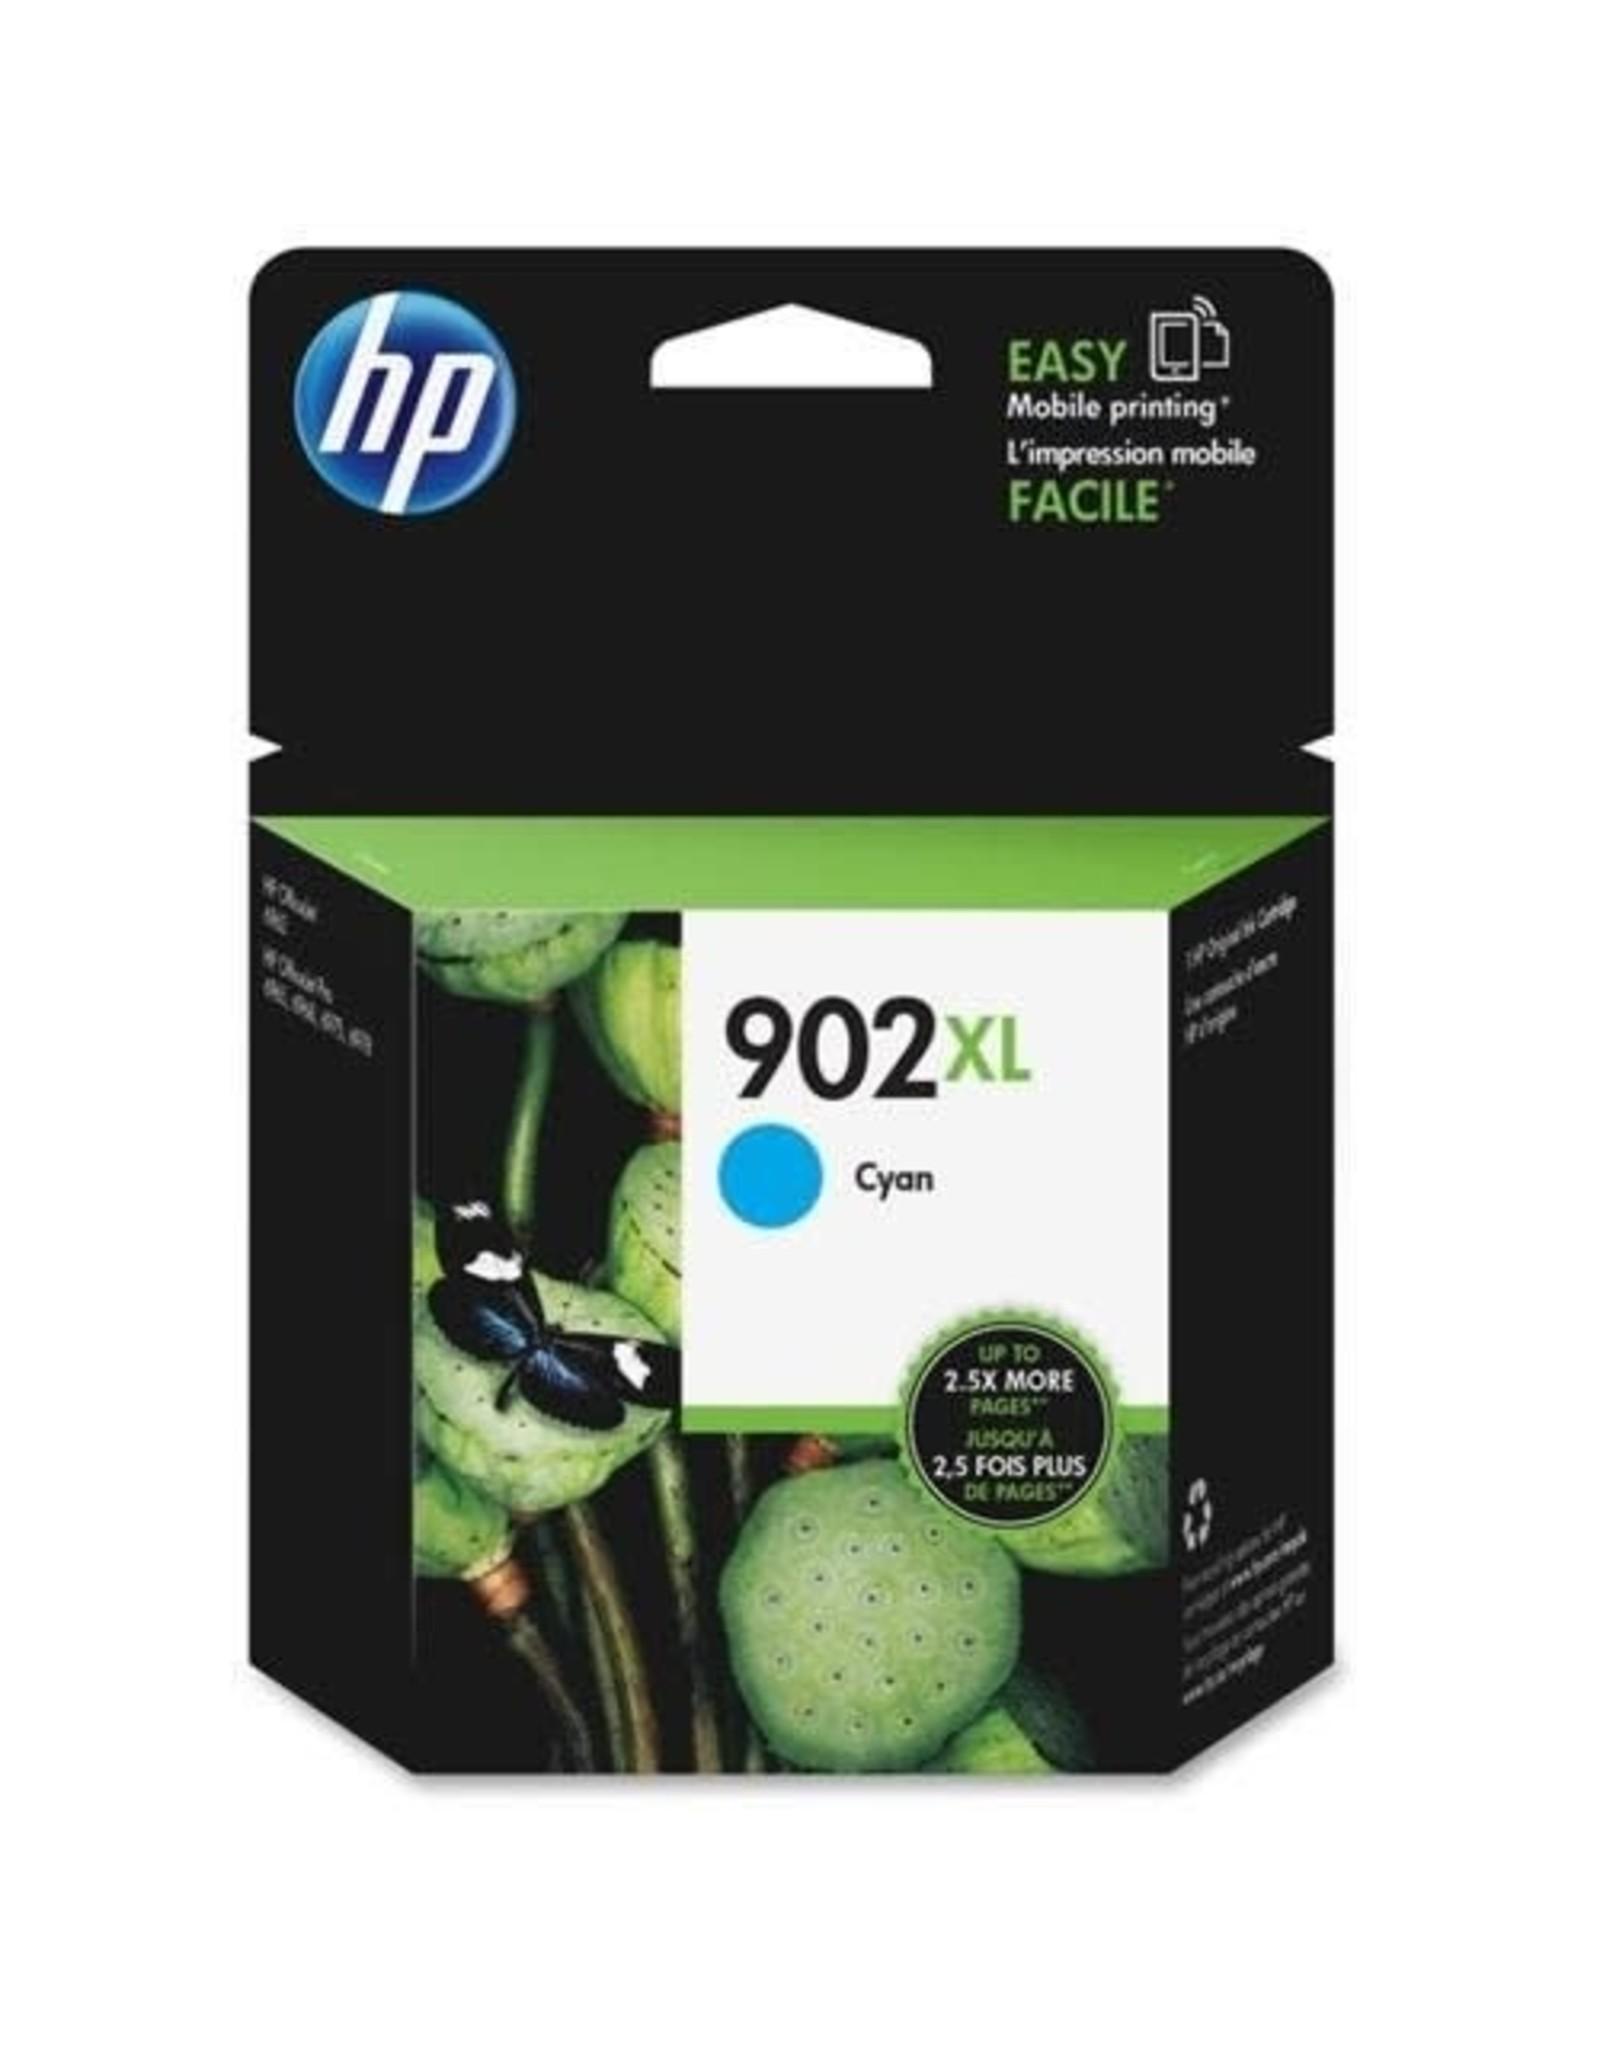 HP INKJET CARTRIDGE-HP #902XL CYAN HIGH YIELD